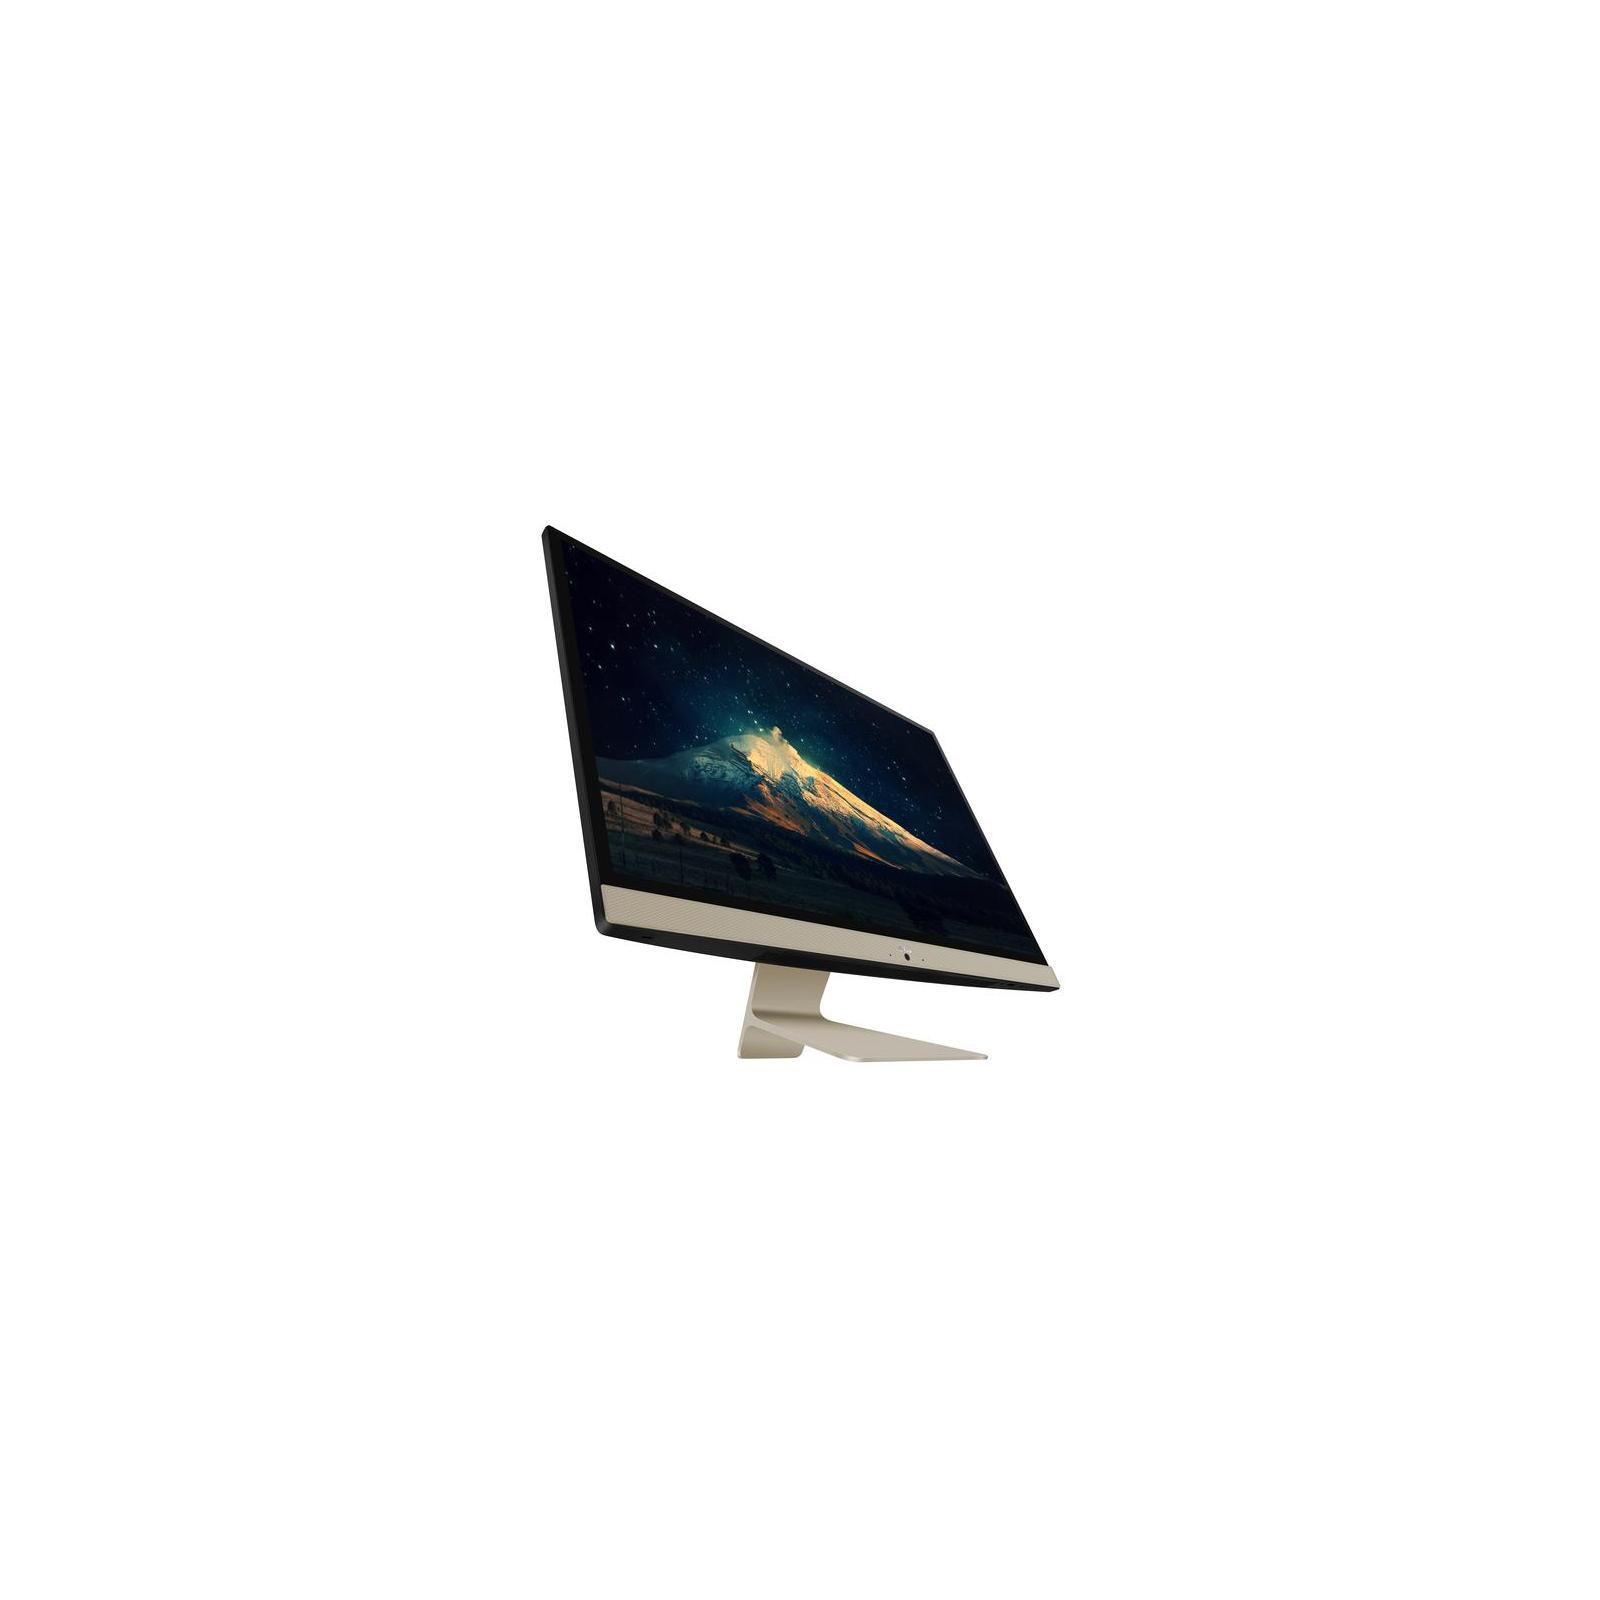 Компьютер ASUS V272UNK-BA001D (90PT0241-M00270) изображение 2